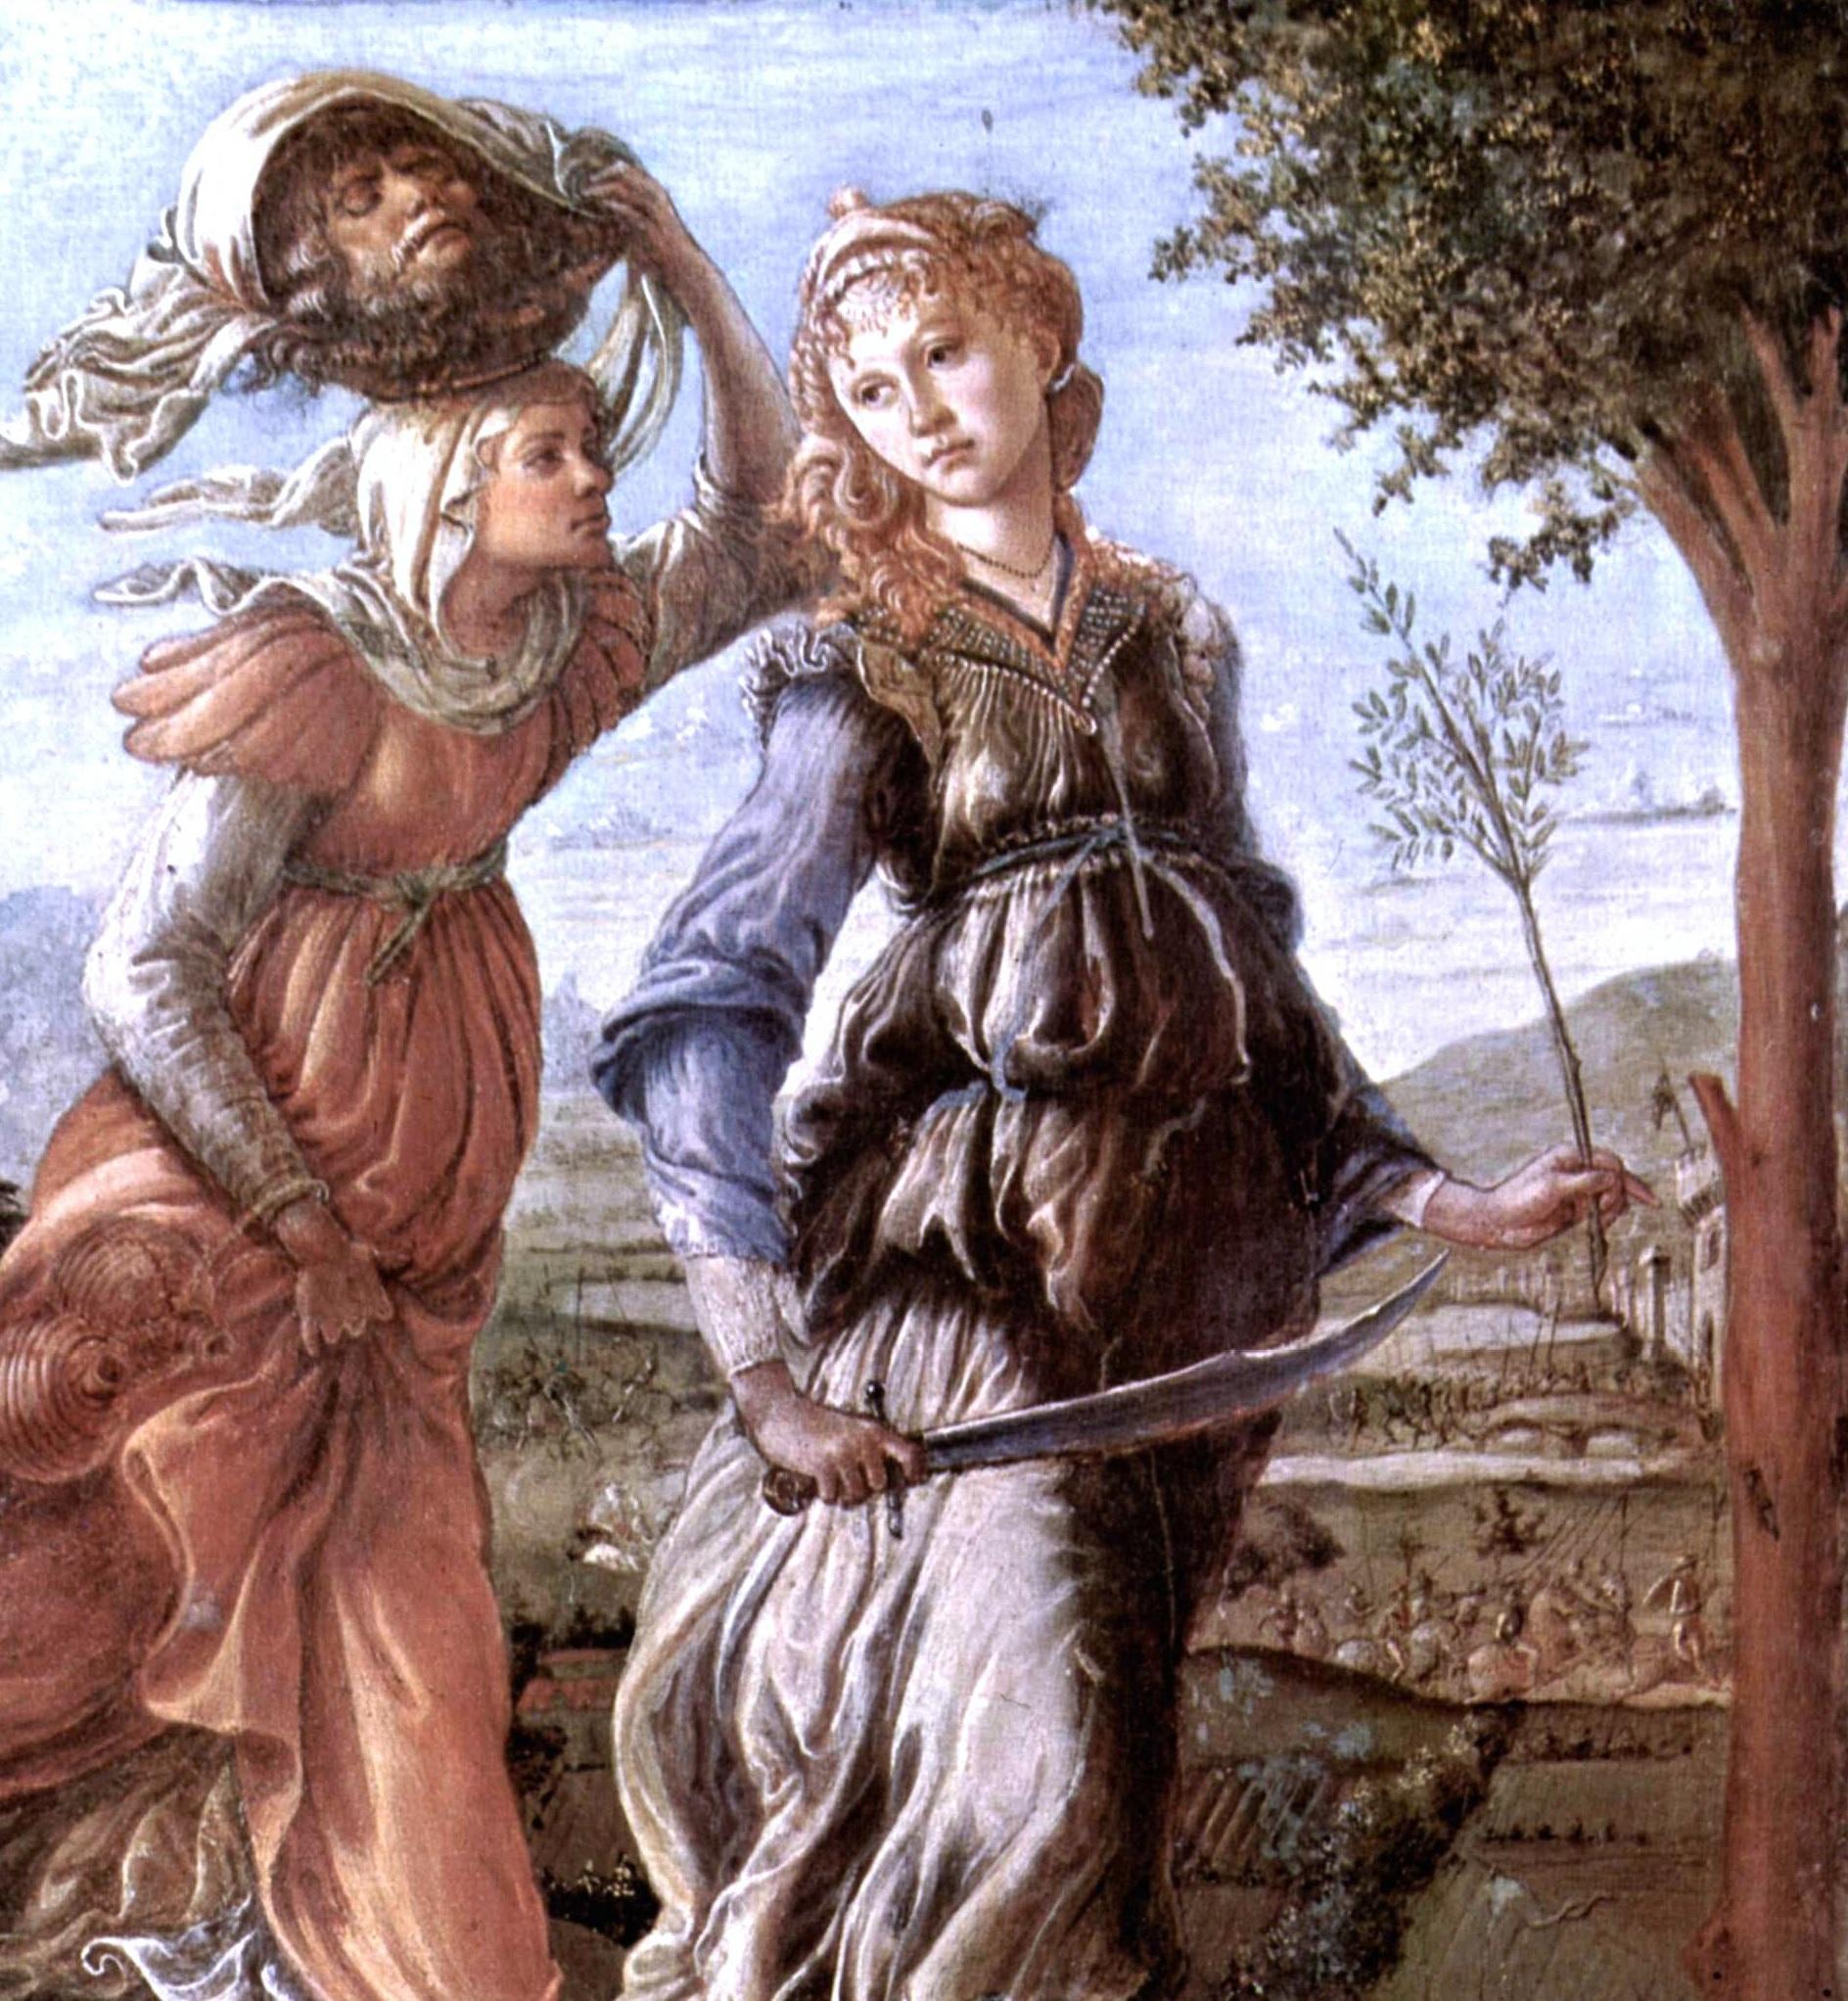 """""""Bíblia i l'art: Les Dones de l'Antic Testament""""  (Aplaçat fins nou avís)"""